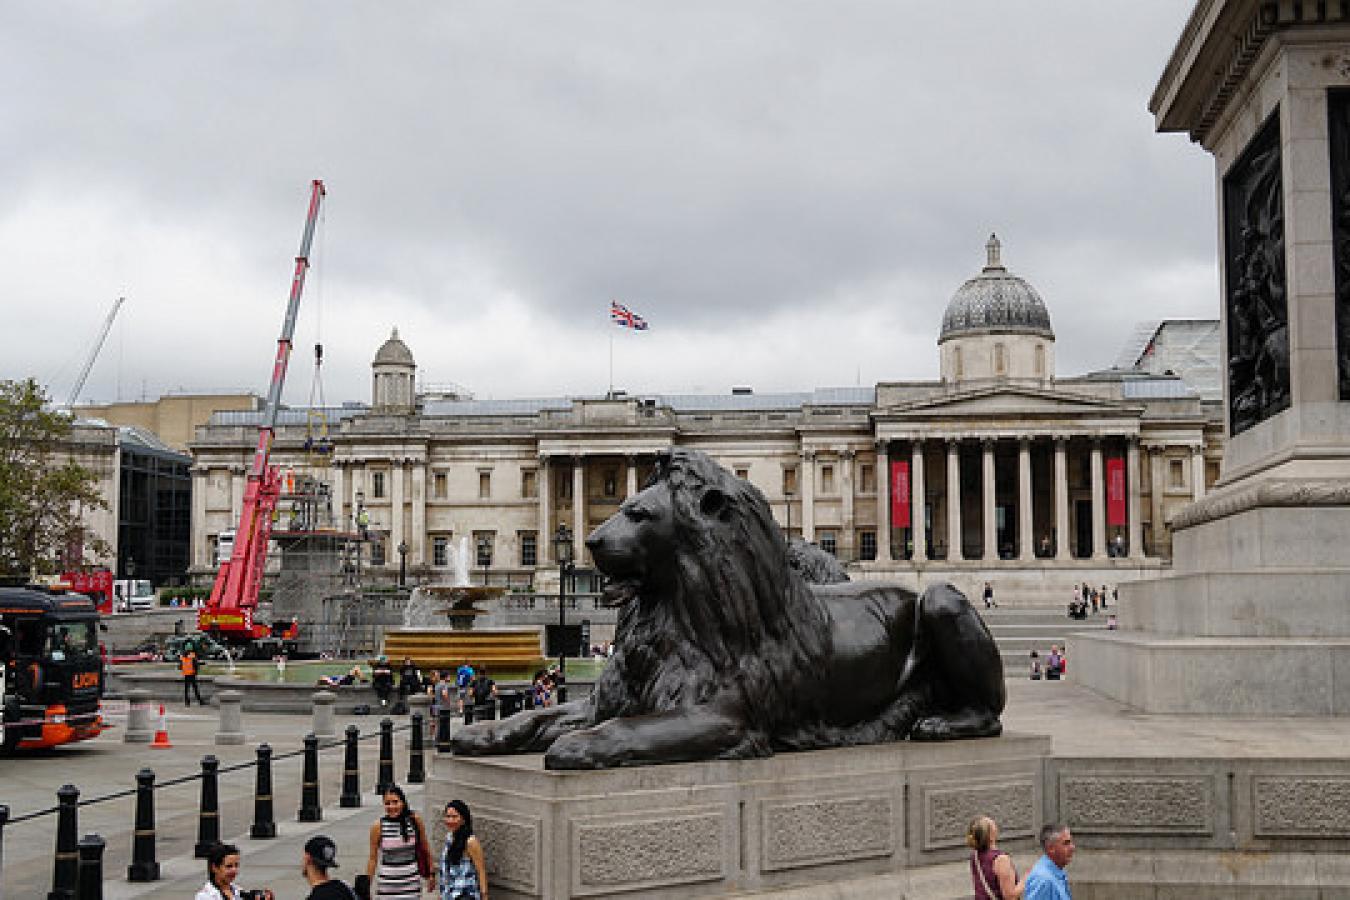 Lion at Trafalgar Square